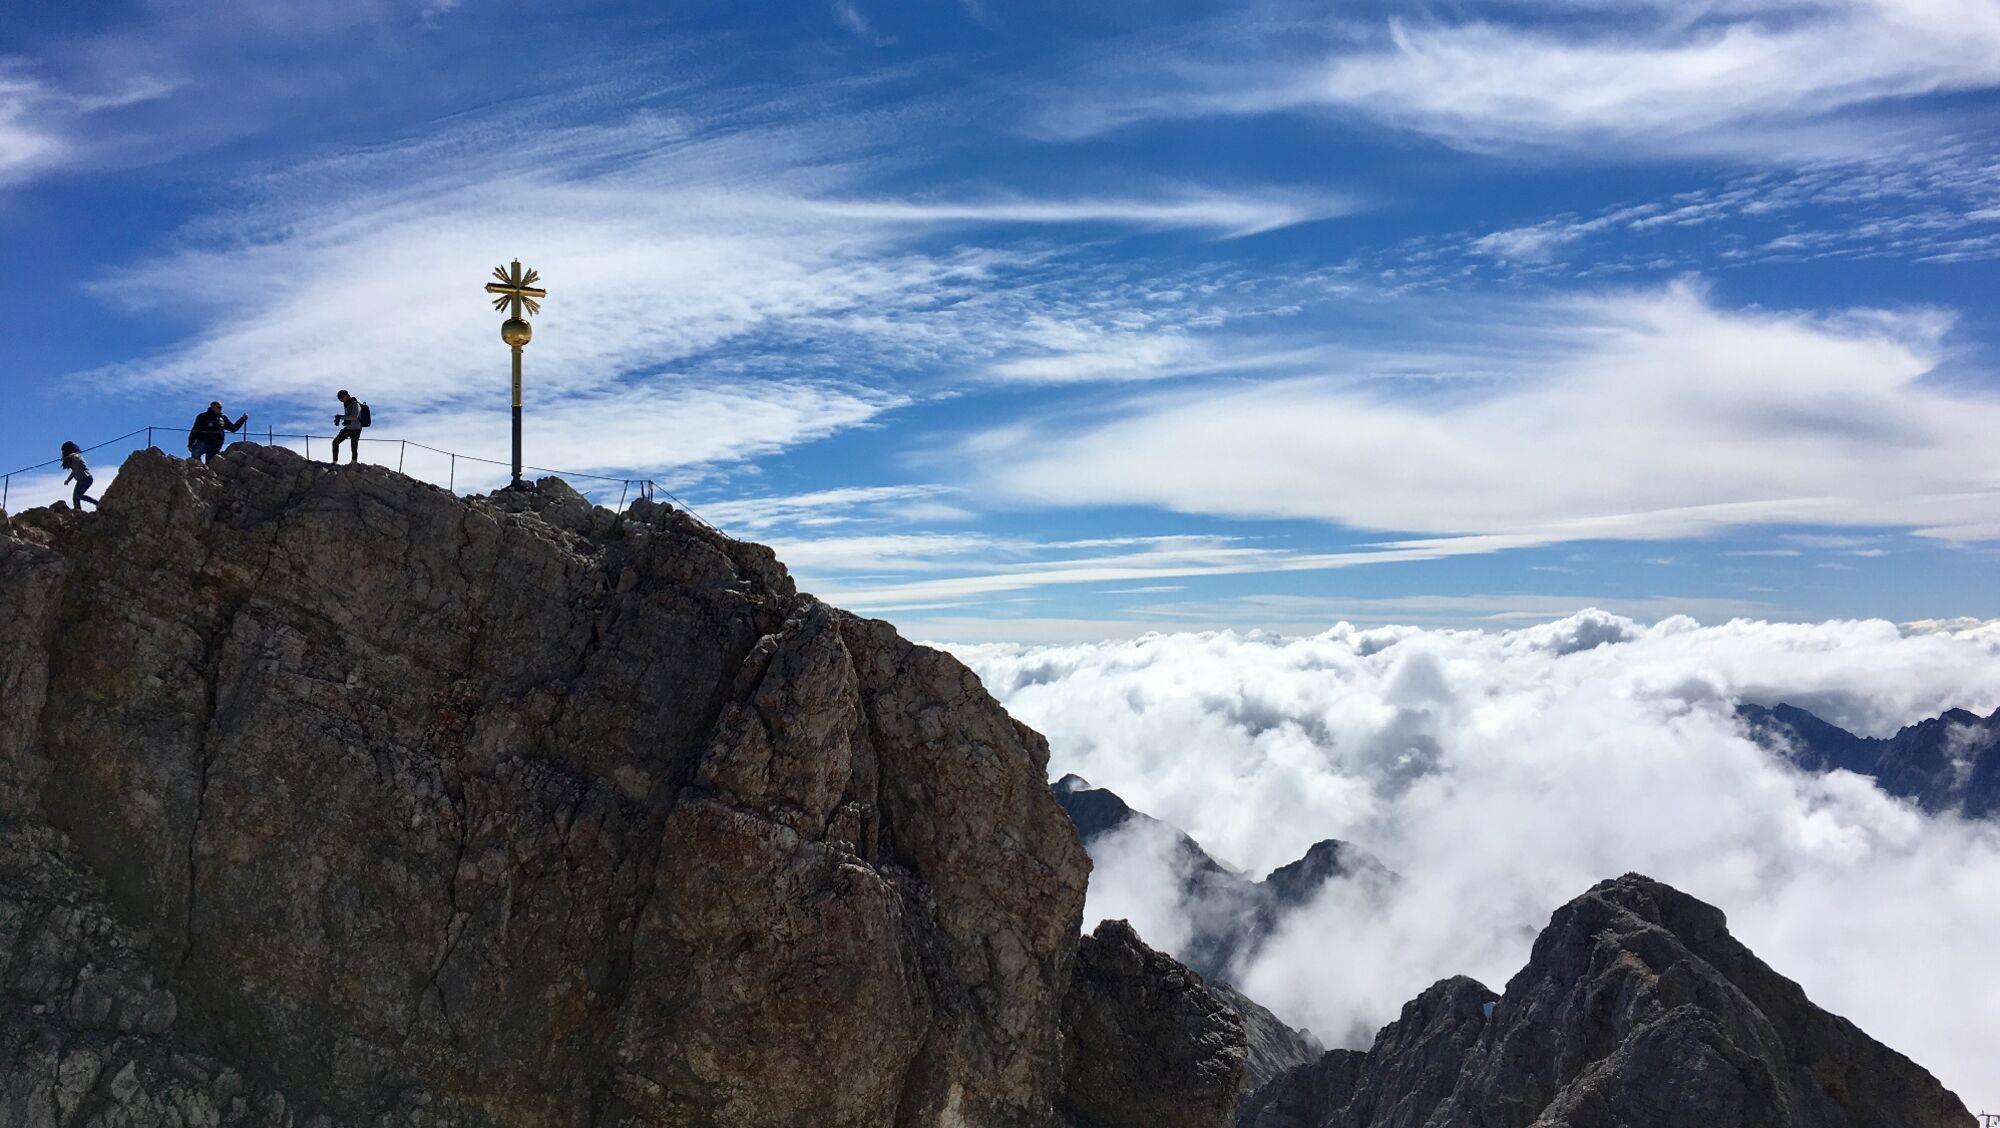 Am 27. August jährt sich die Erstbesteigung der Zugspitze zum zweihundertsten Mal